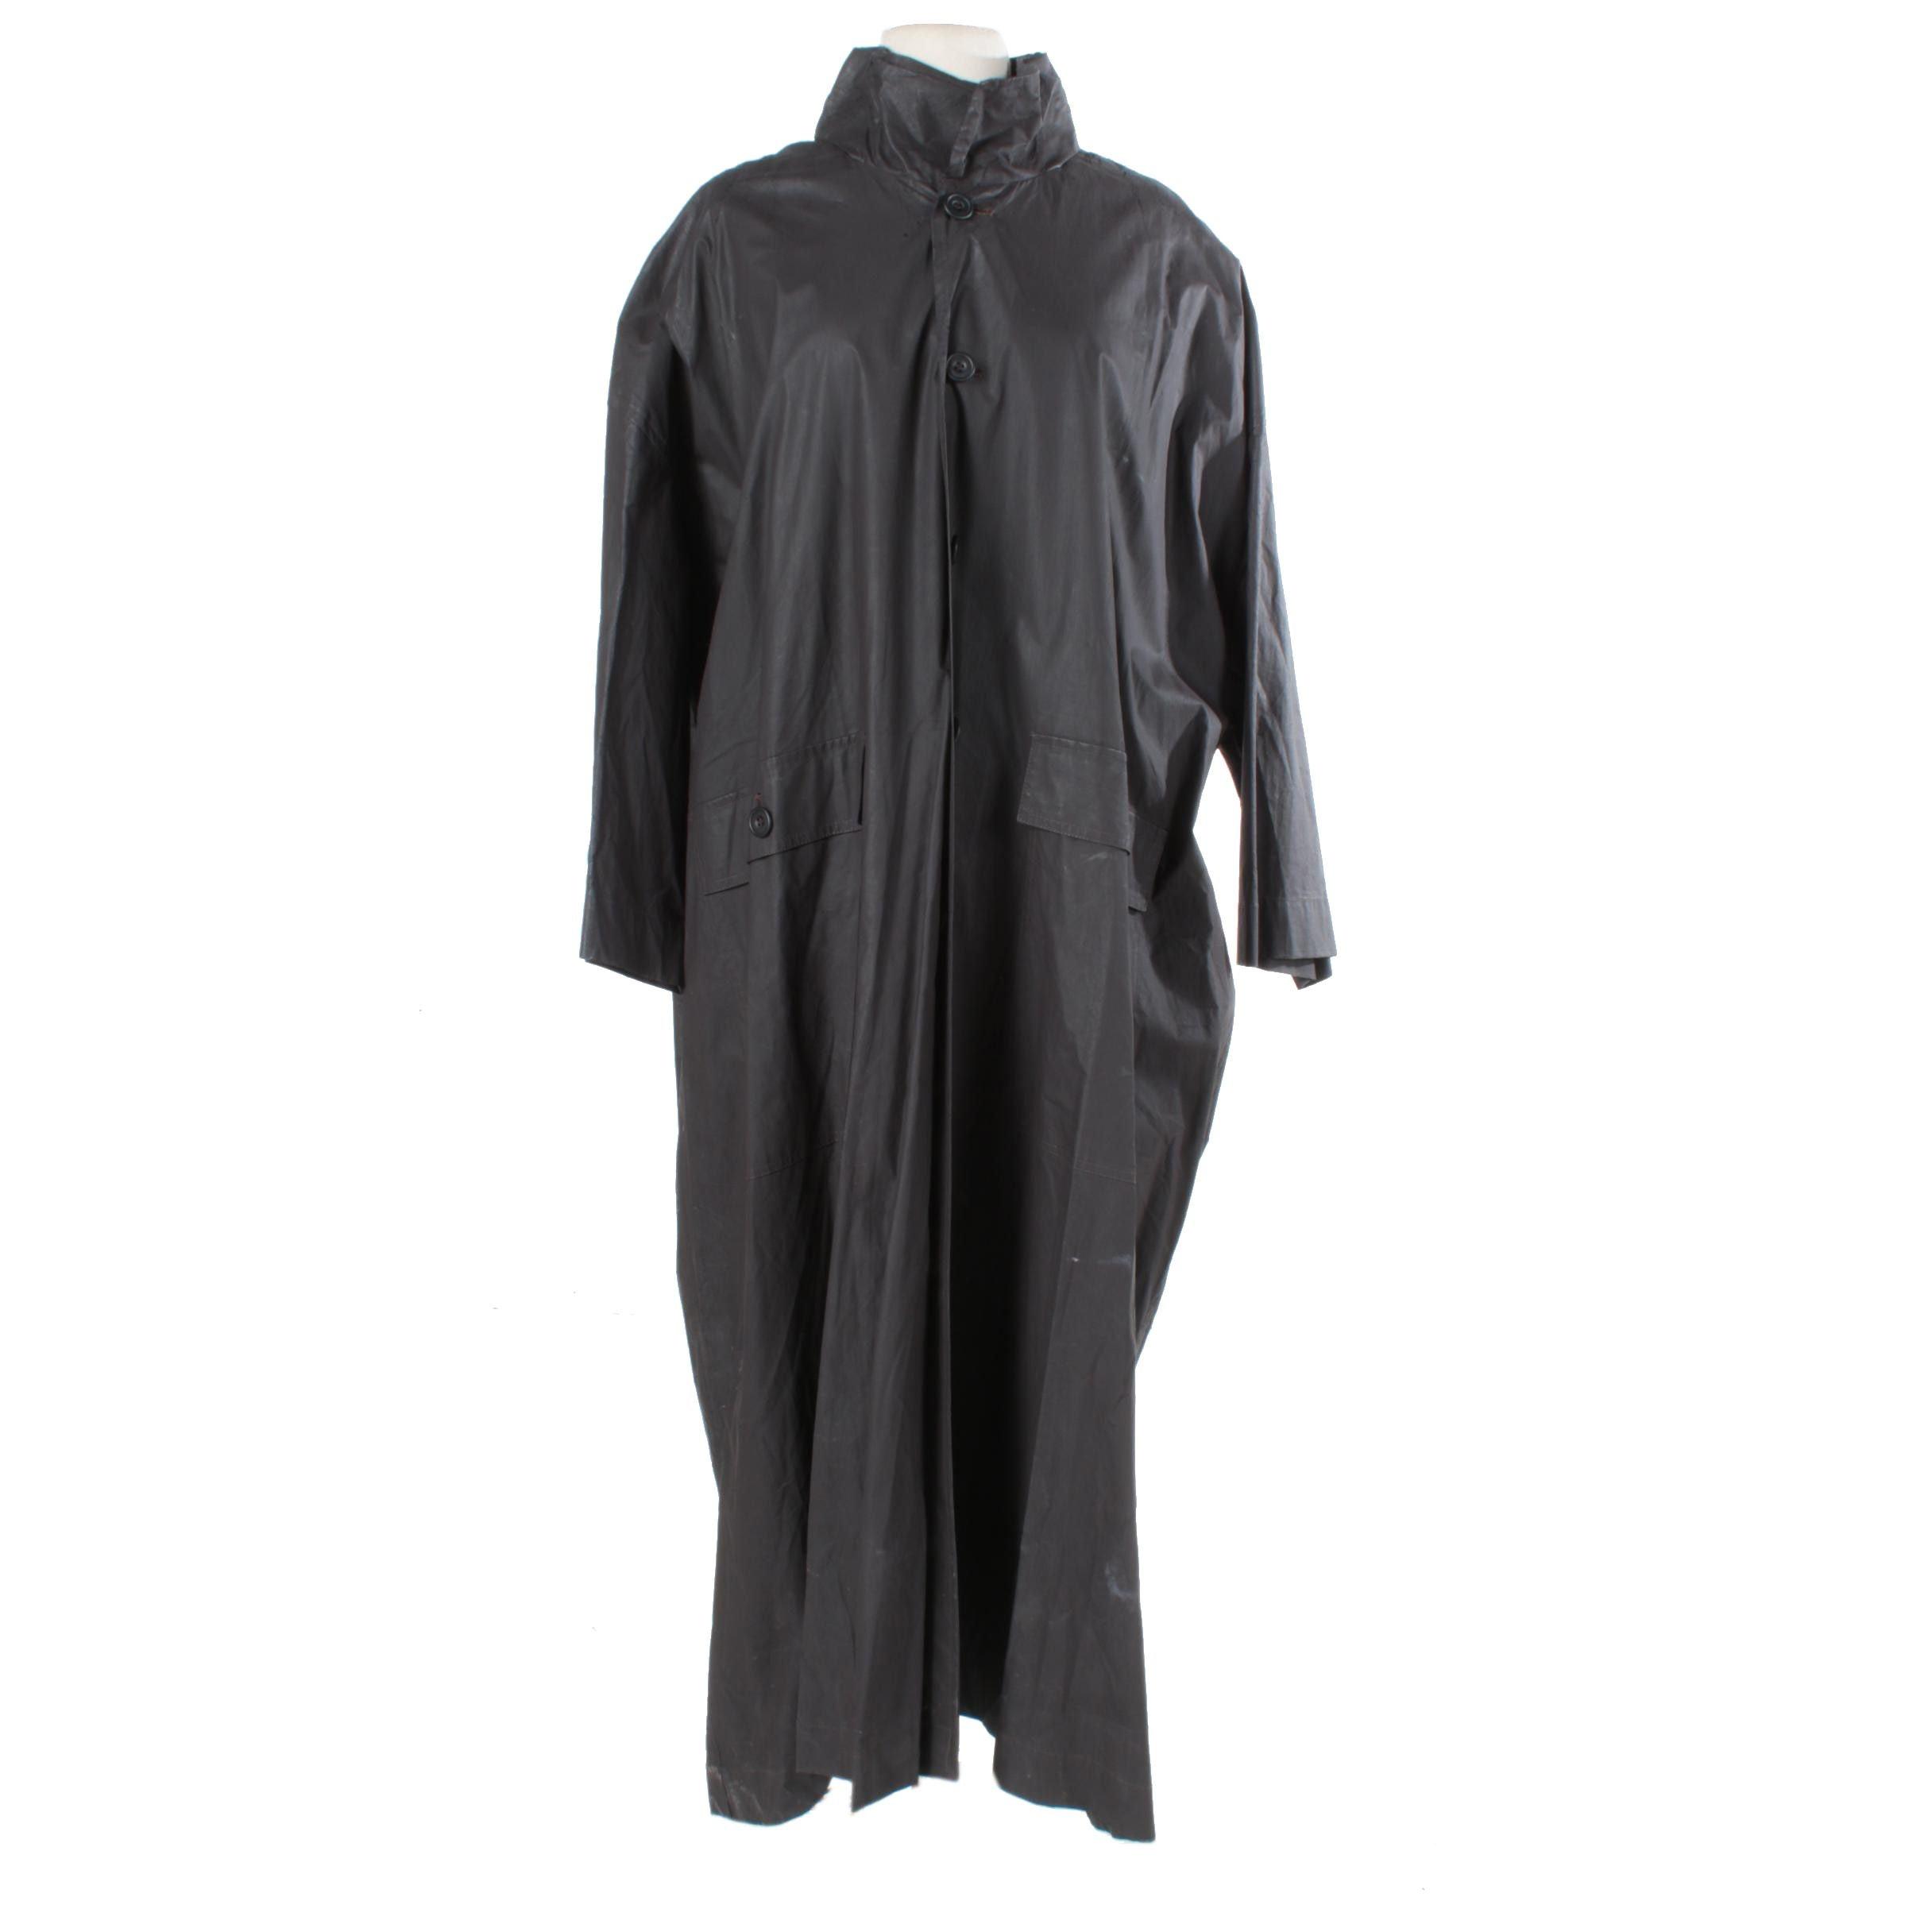 Eskandar Black Raincoat